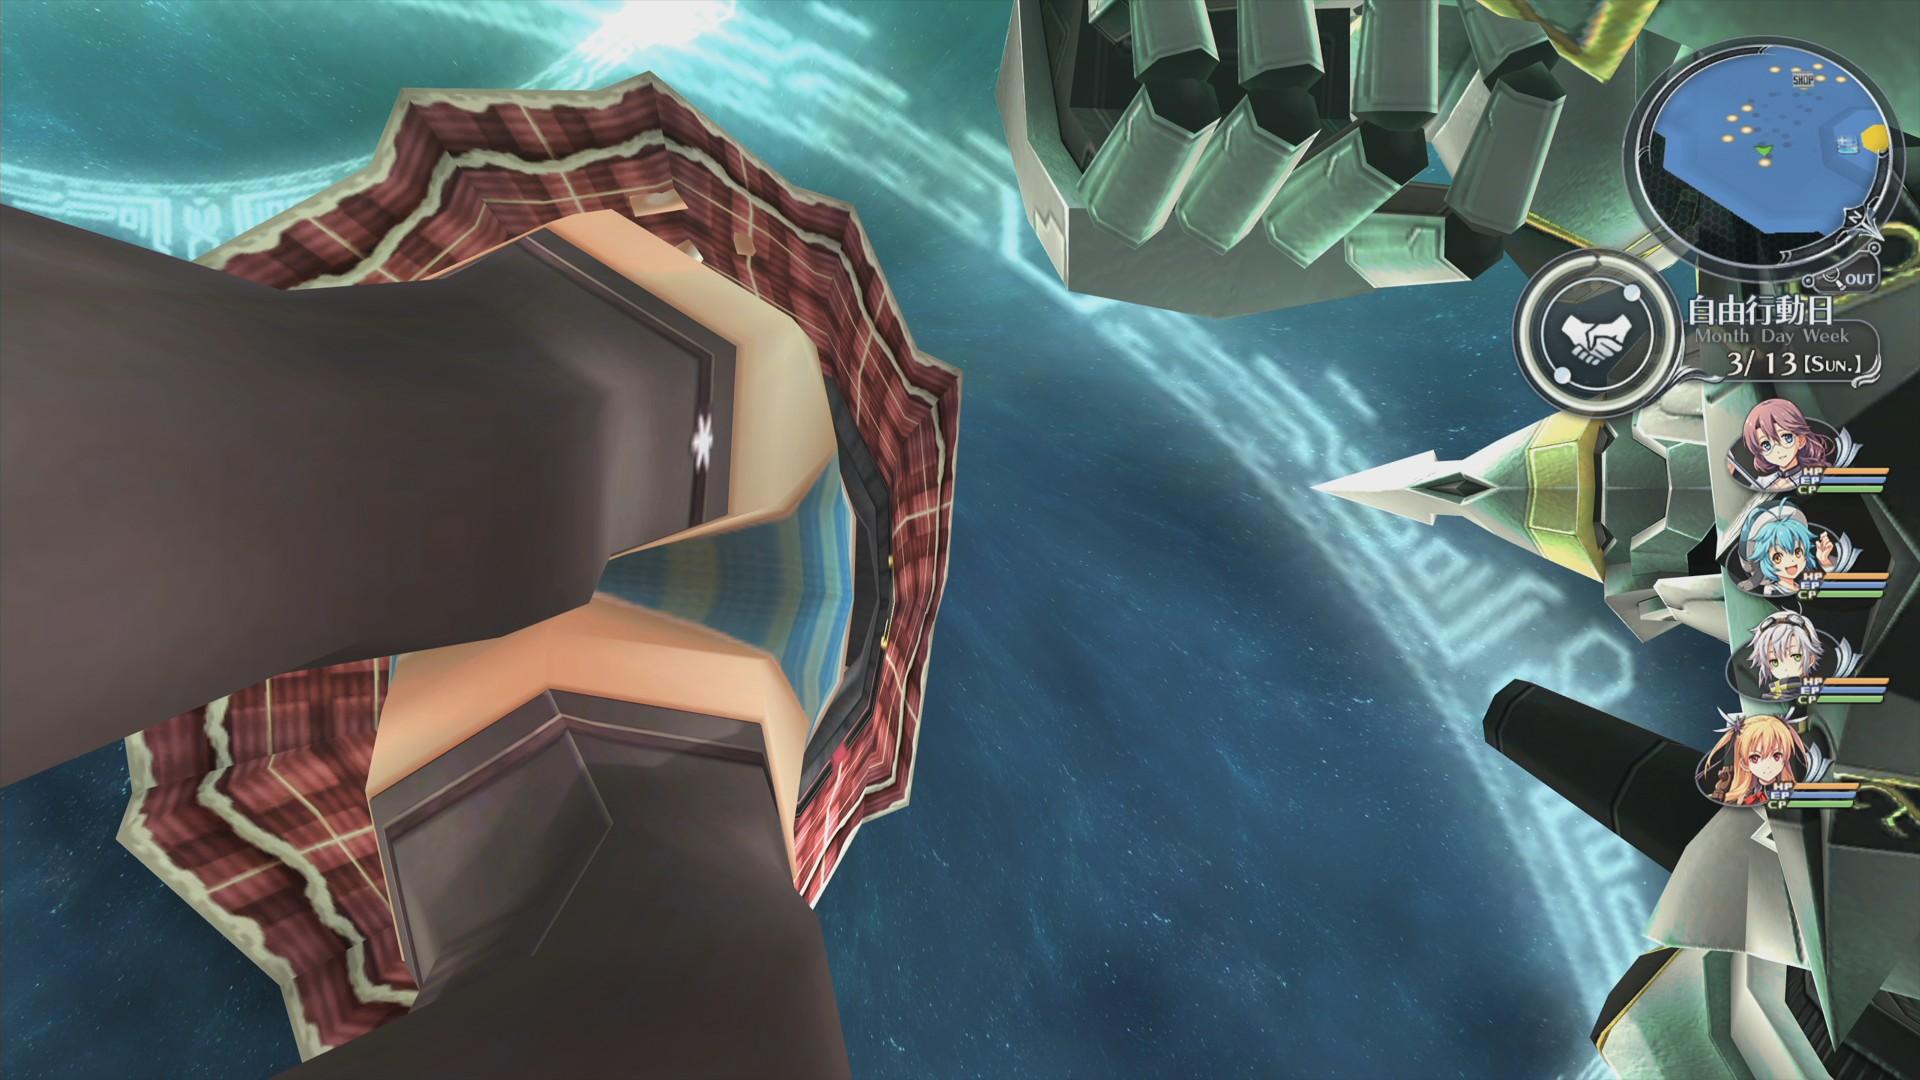 アリサのパンツ画像